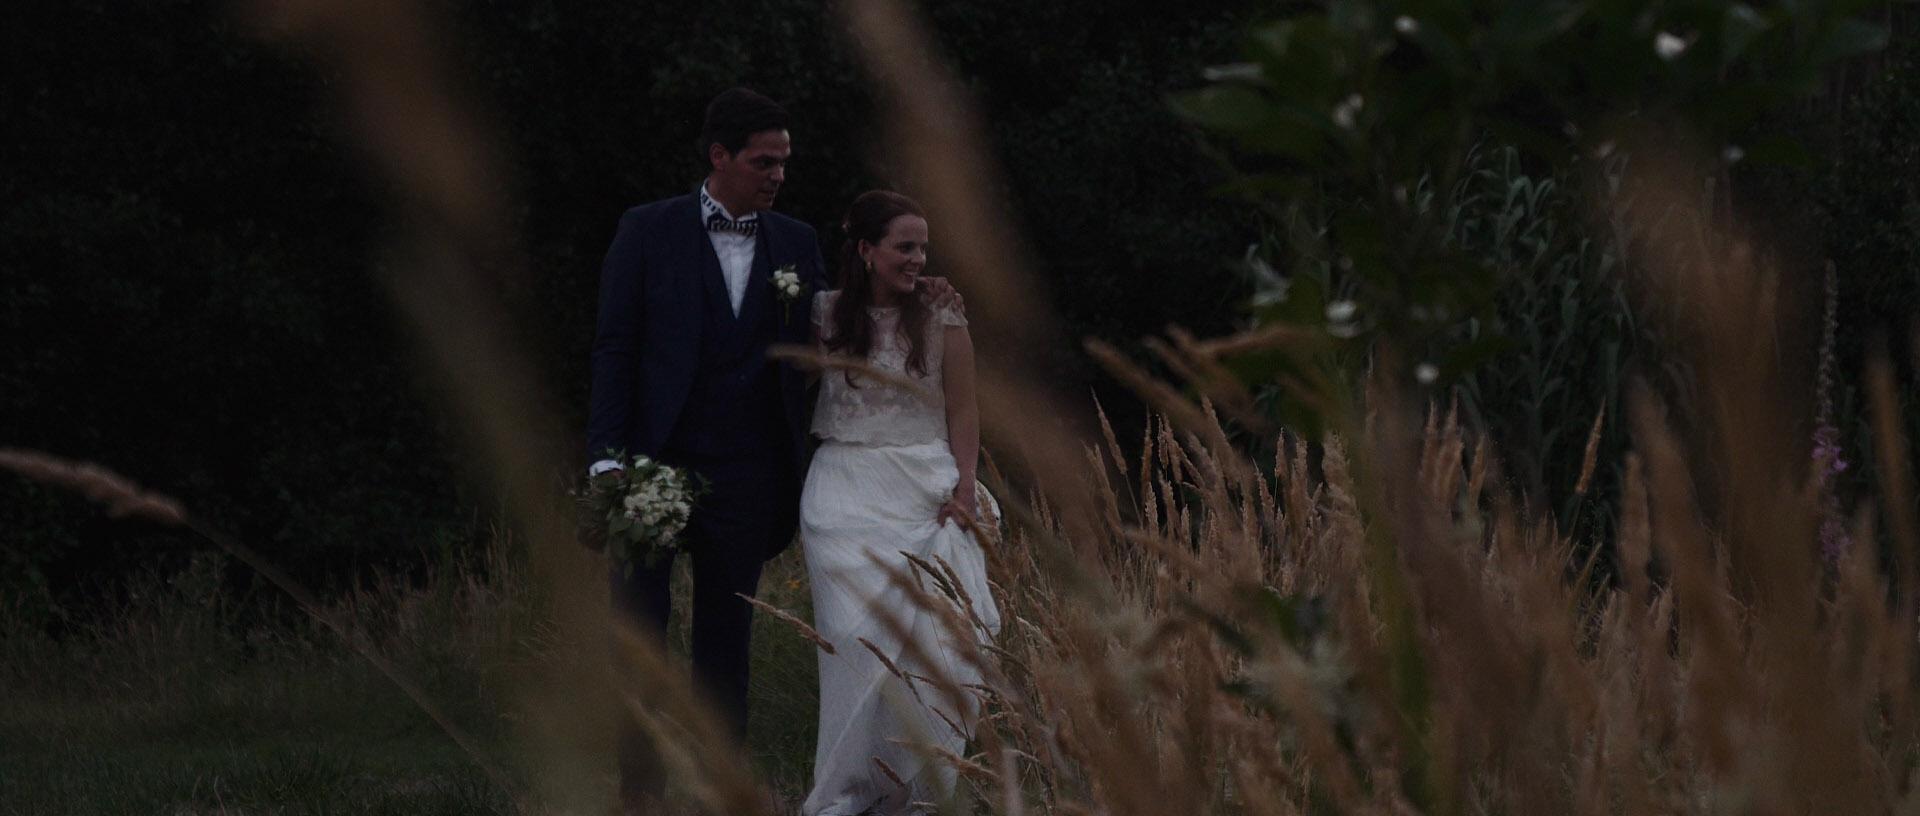 Ana & Marco - Wedding